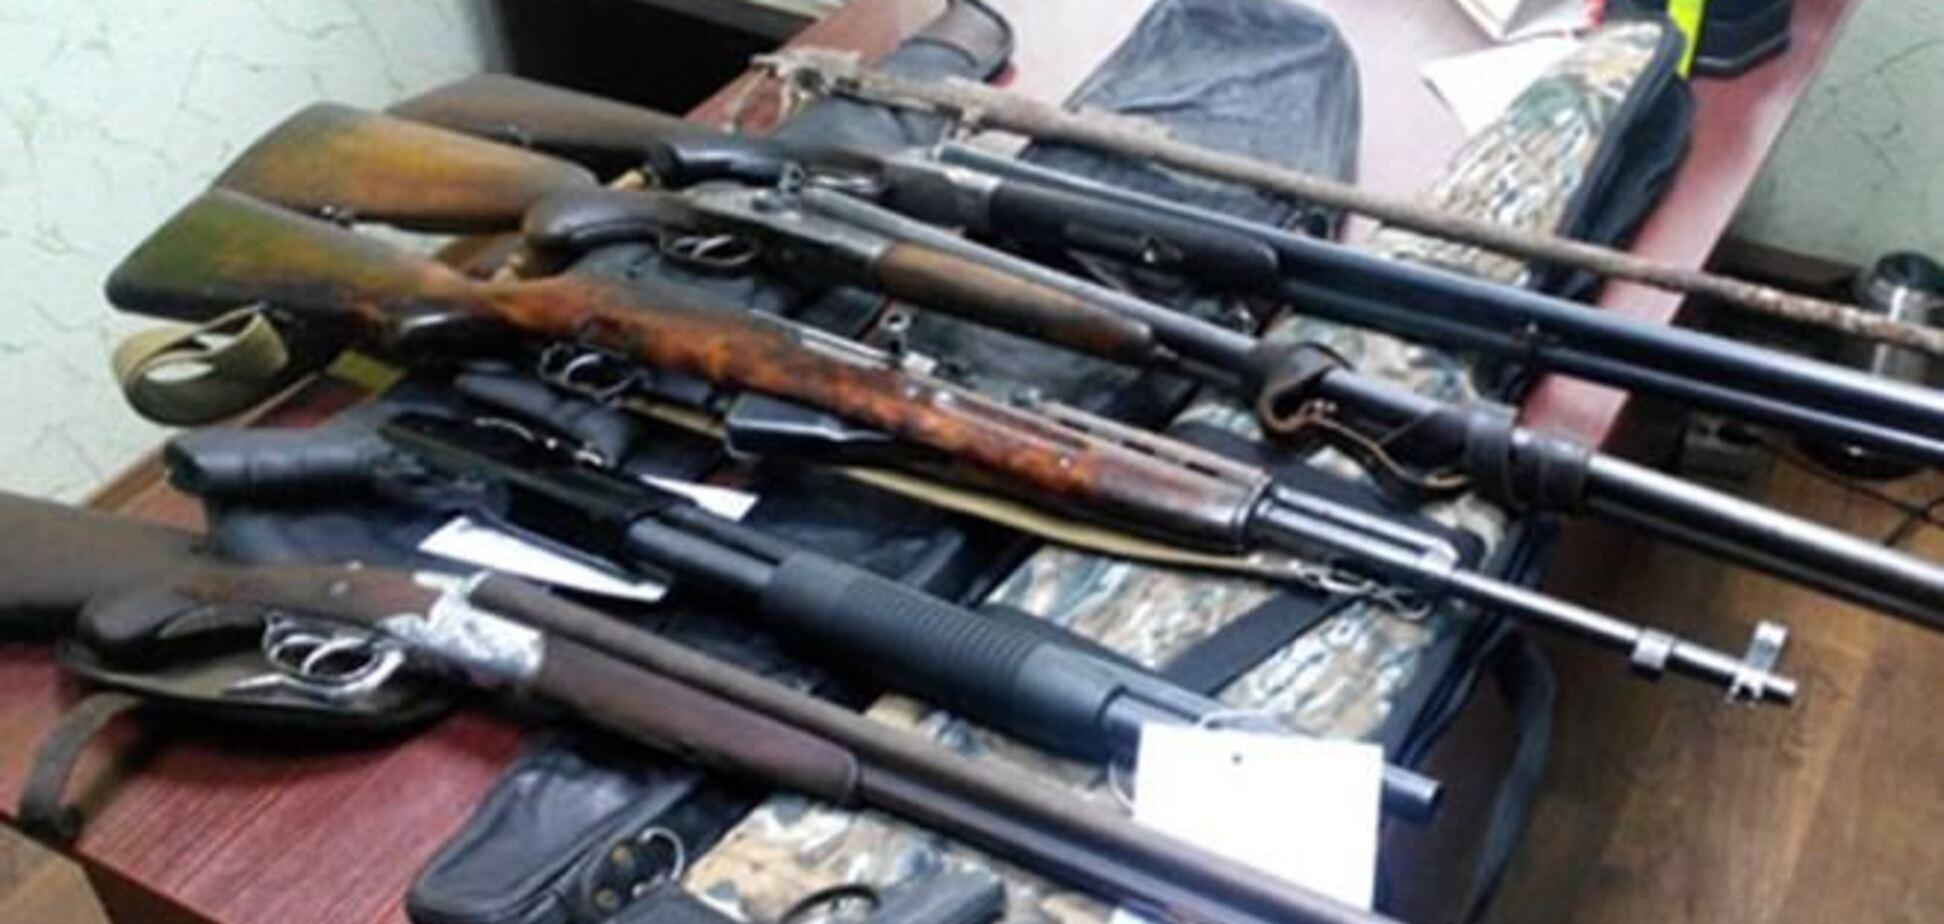 МВД проведет в апреле месячник добровольной сдачи оружия